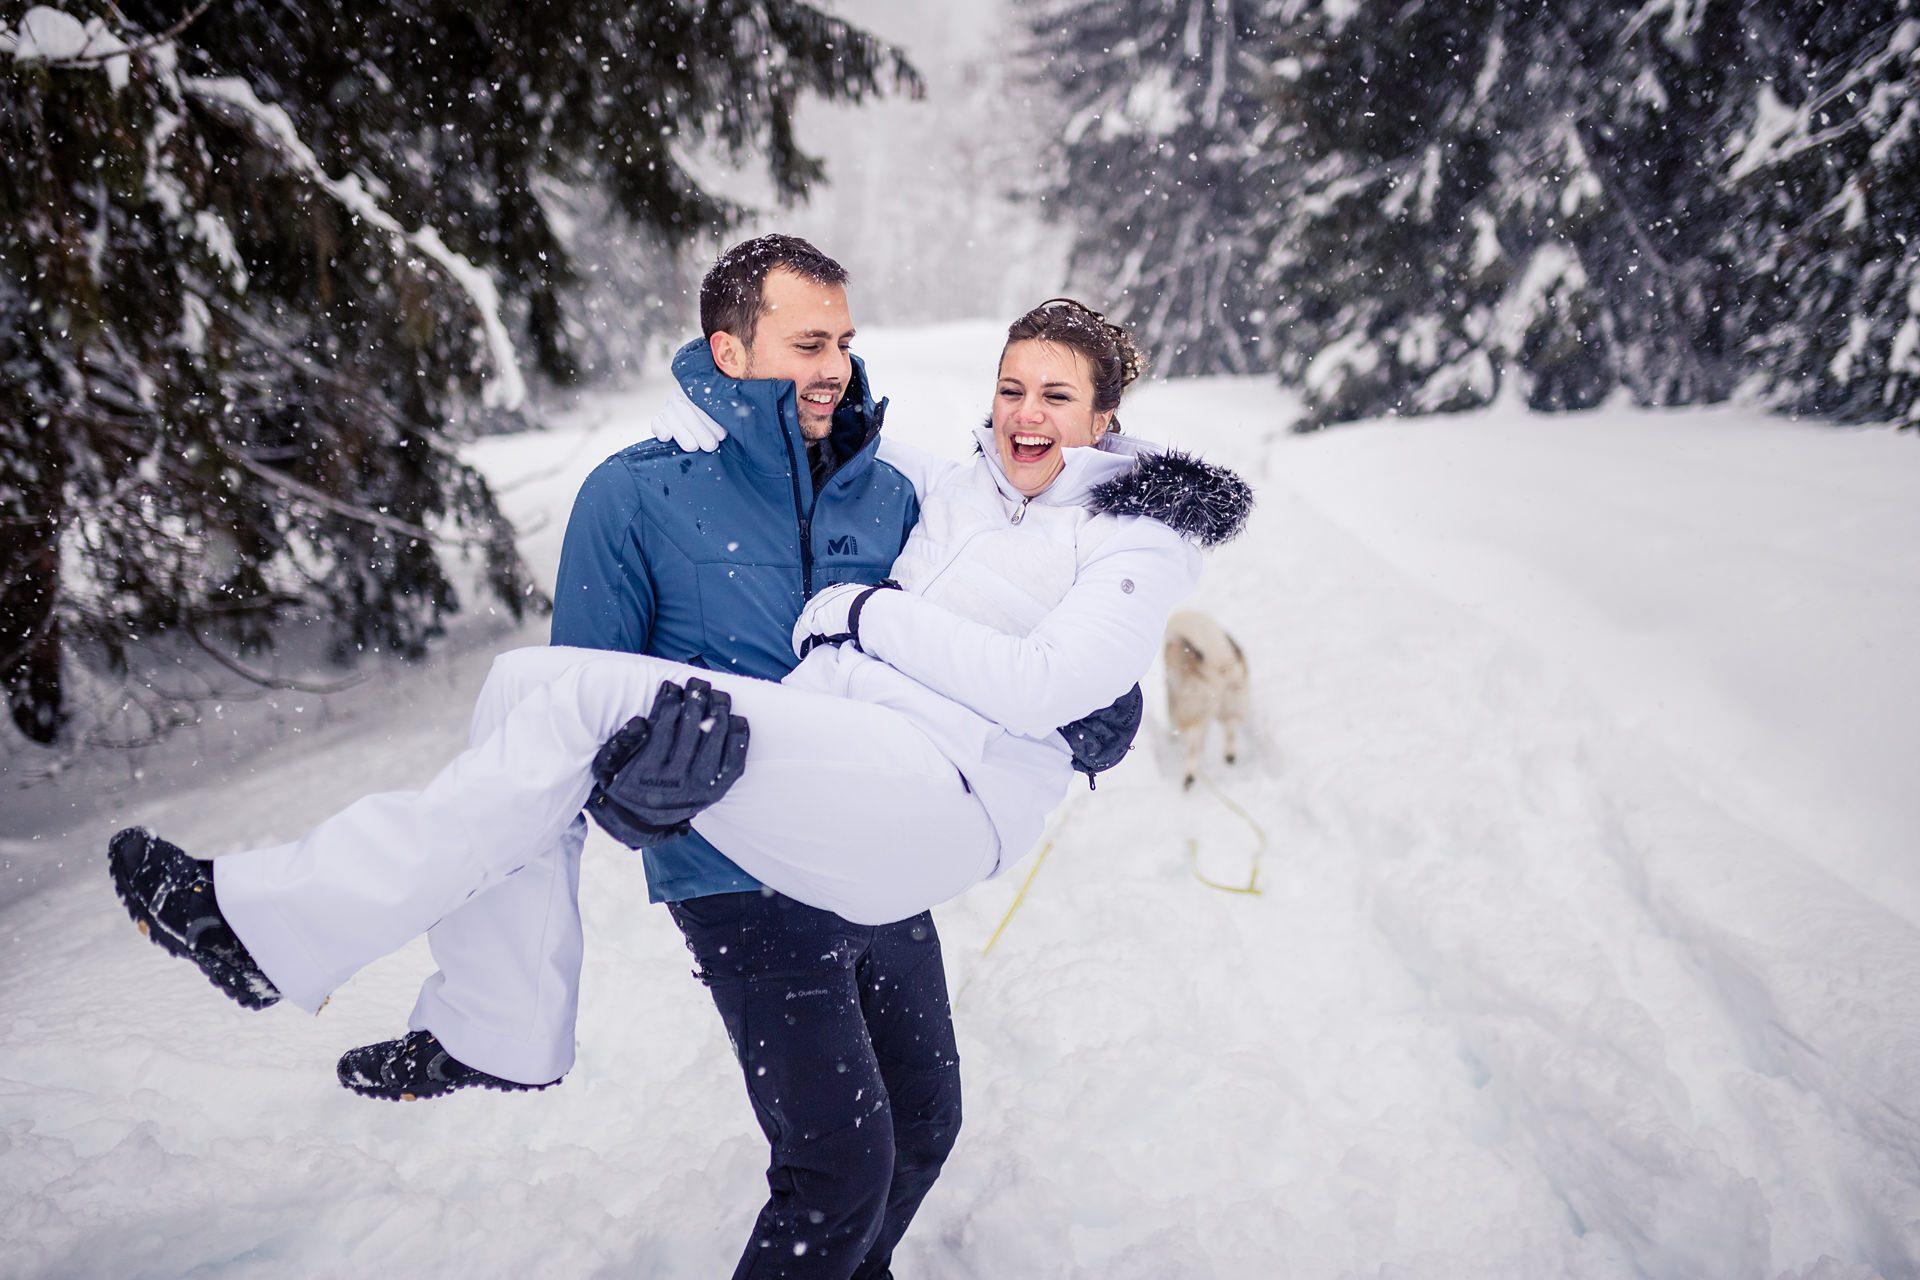 Photographe de mariage dans la neige